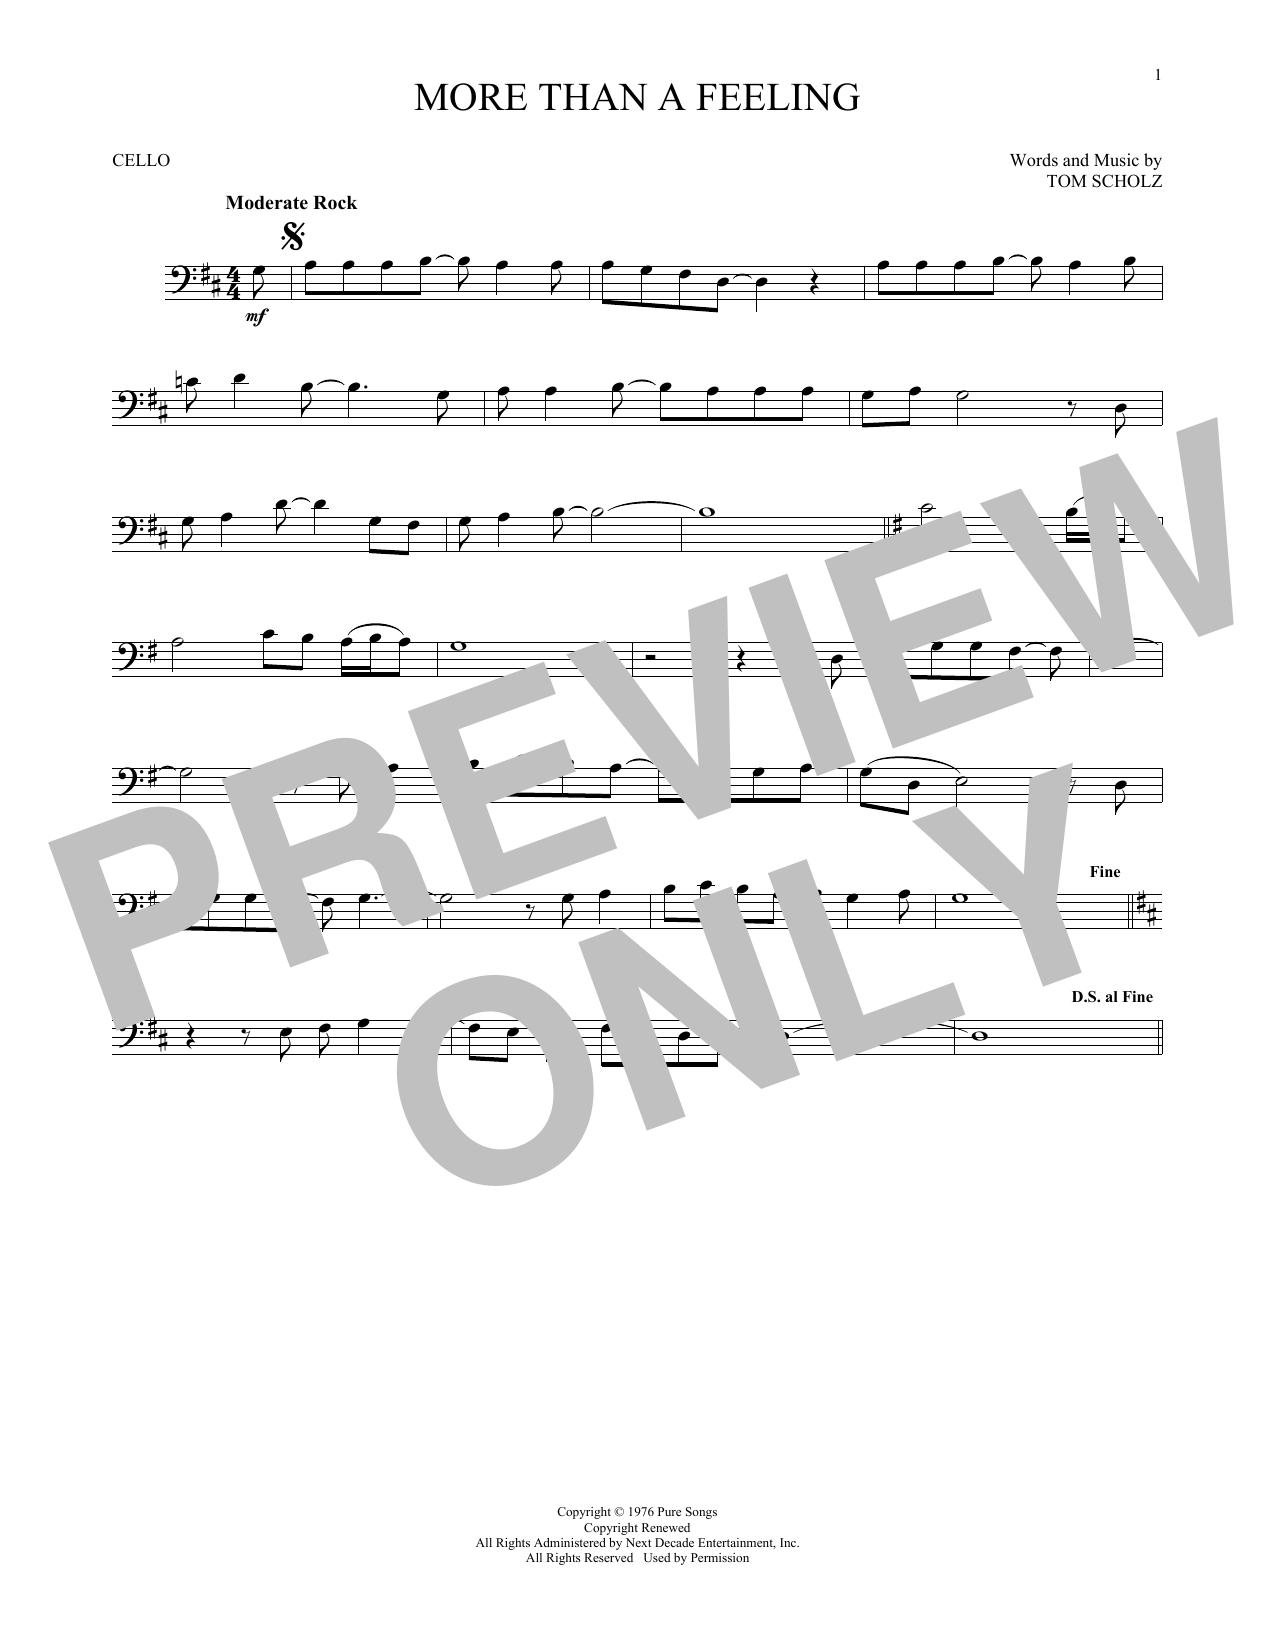 More Than A Feeling (Cello Solo)